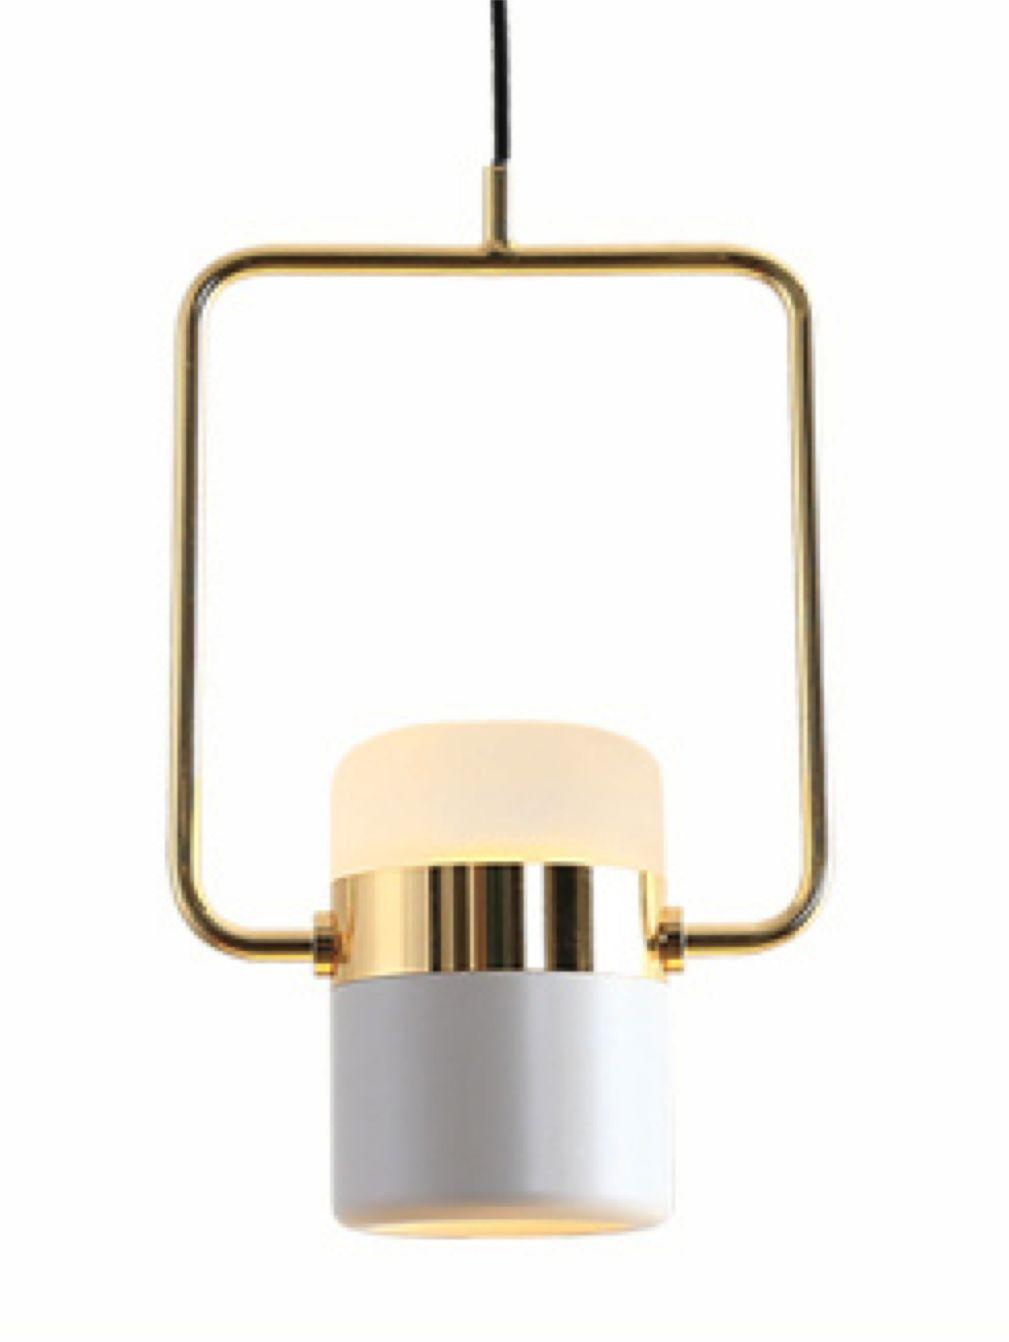 Flair White Gold - reflektor LED wiszący, dwustronny, złoto